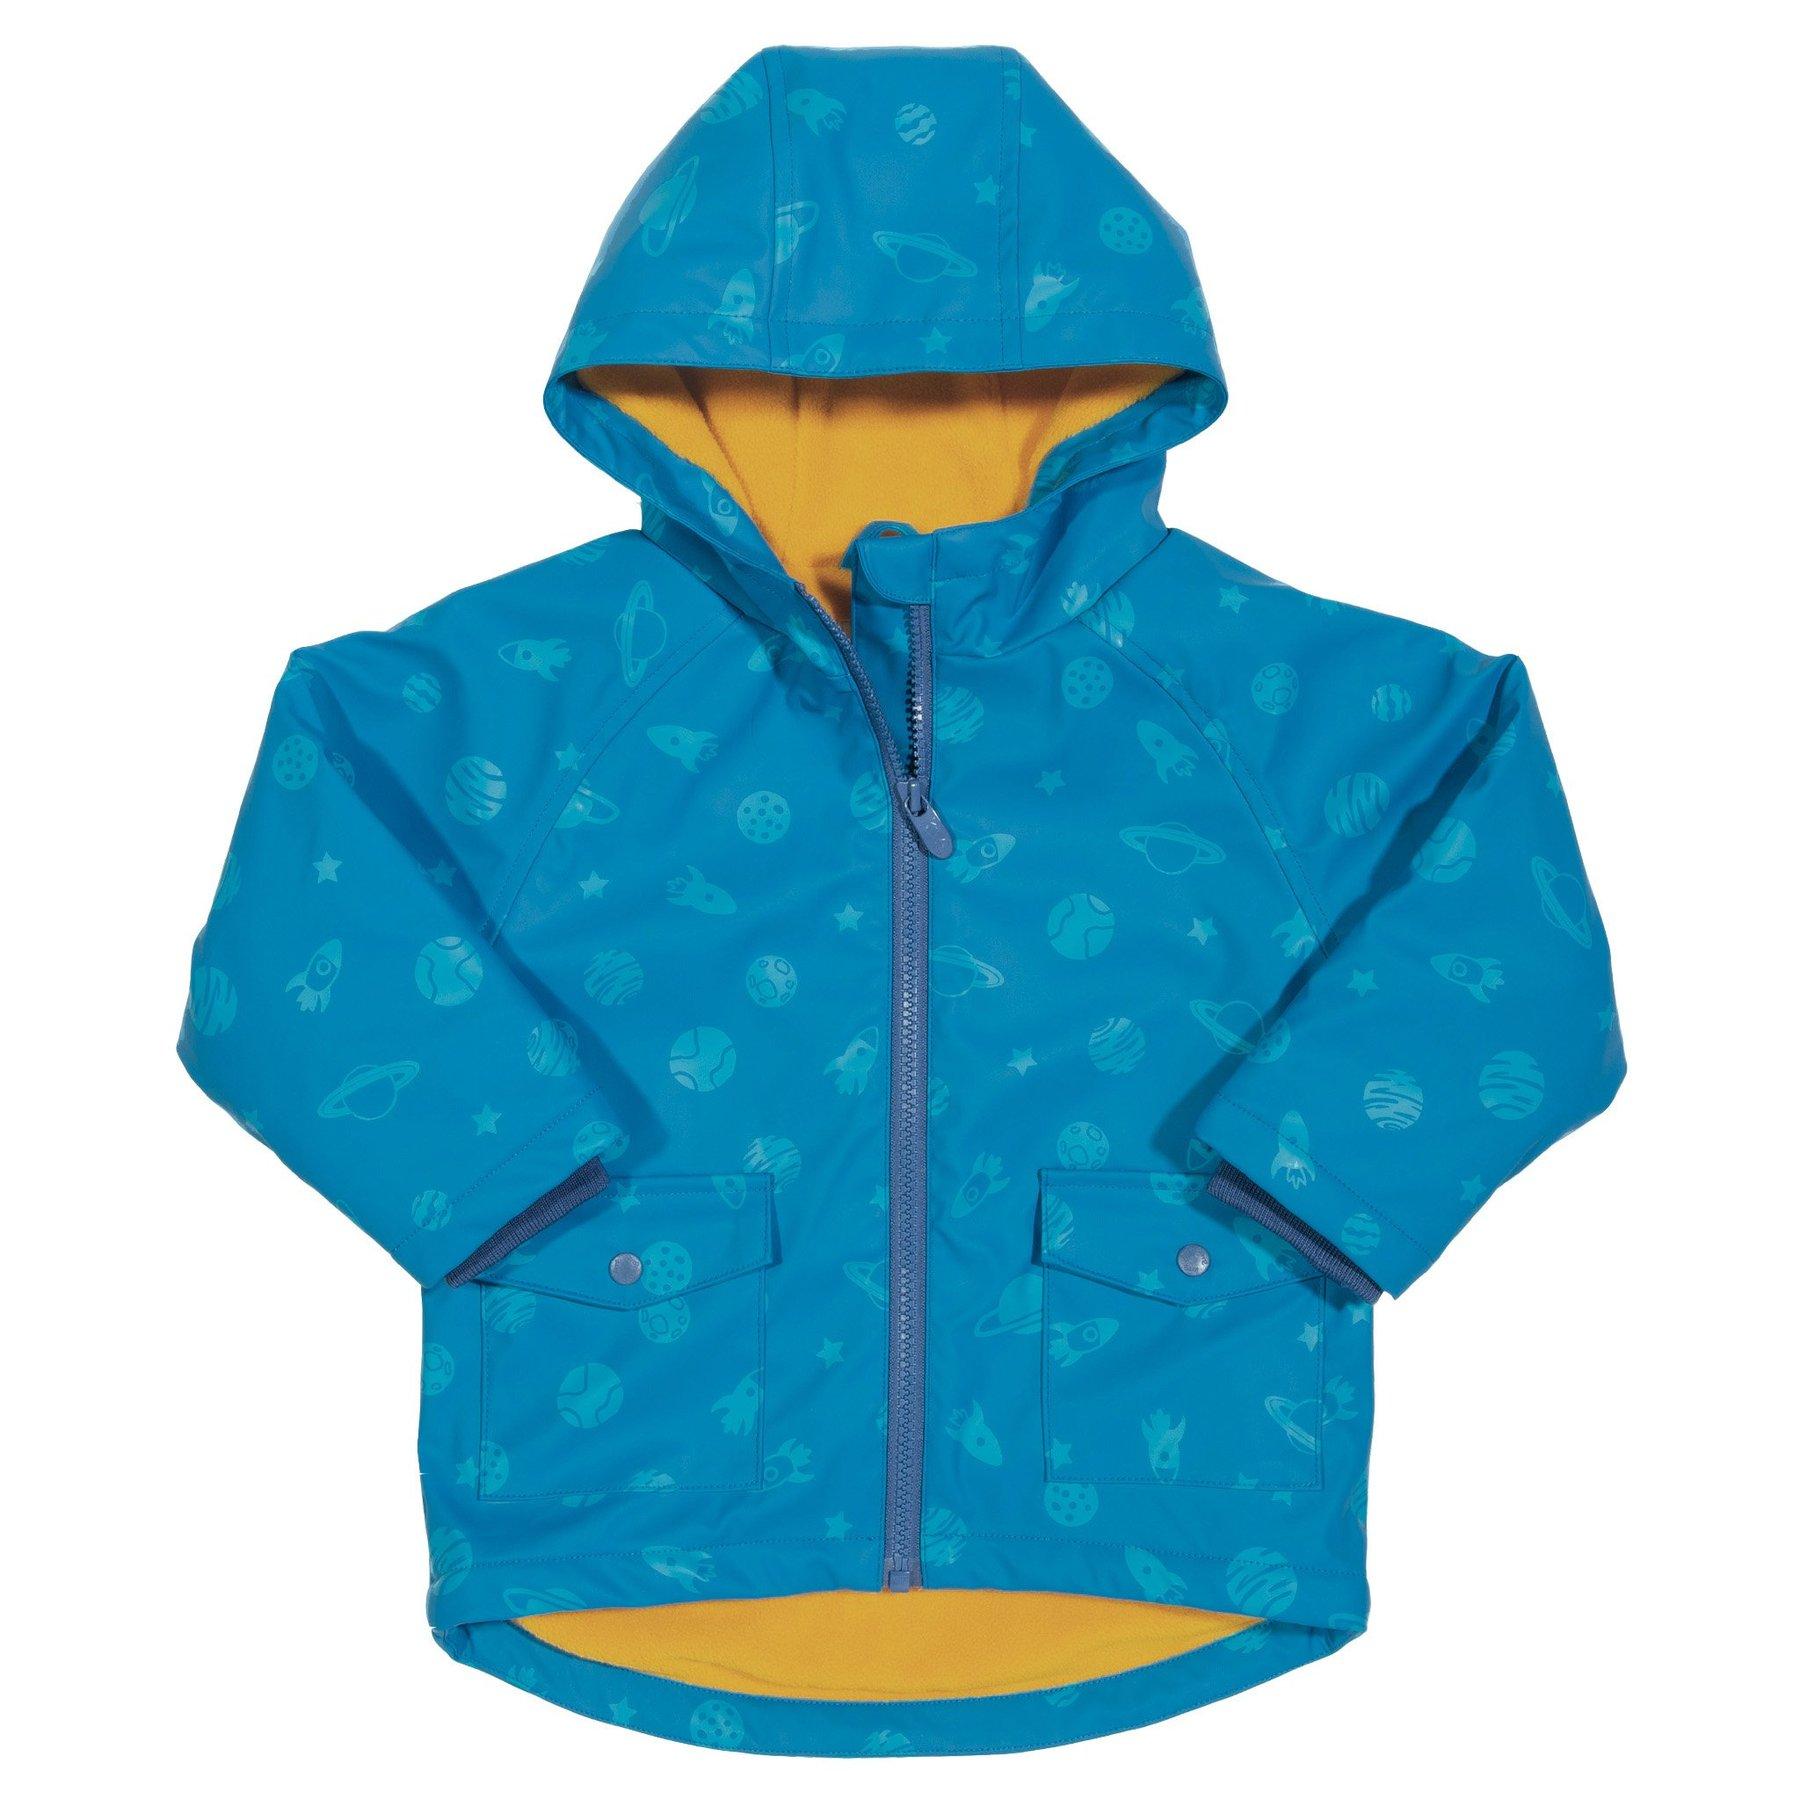 Splash Coat, gefüttert von Kite